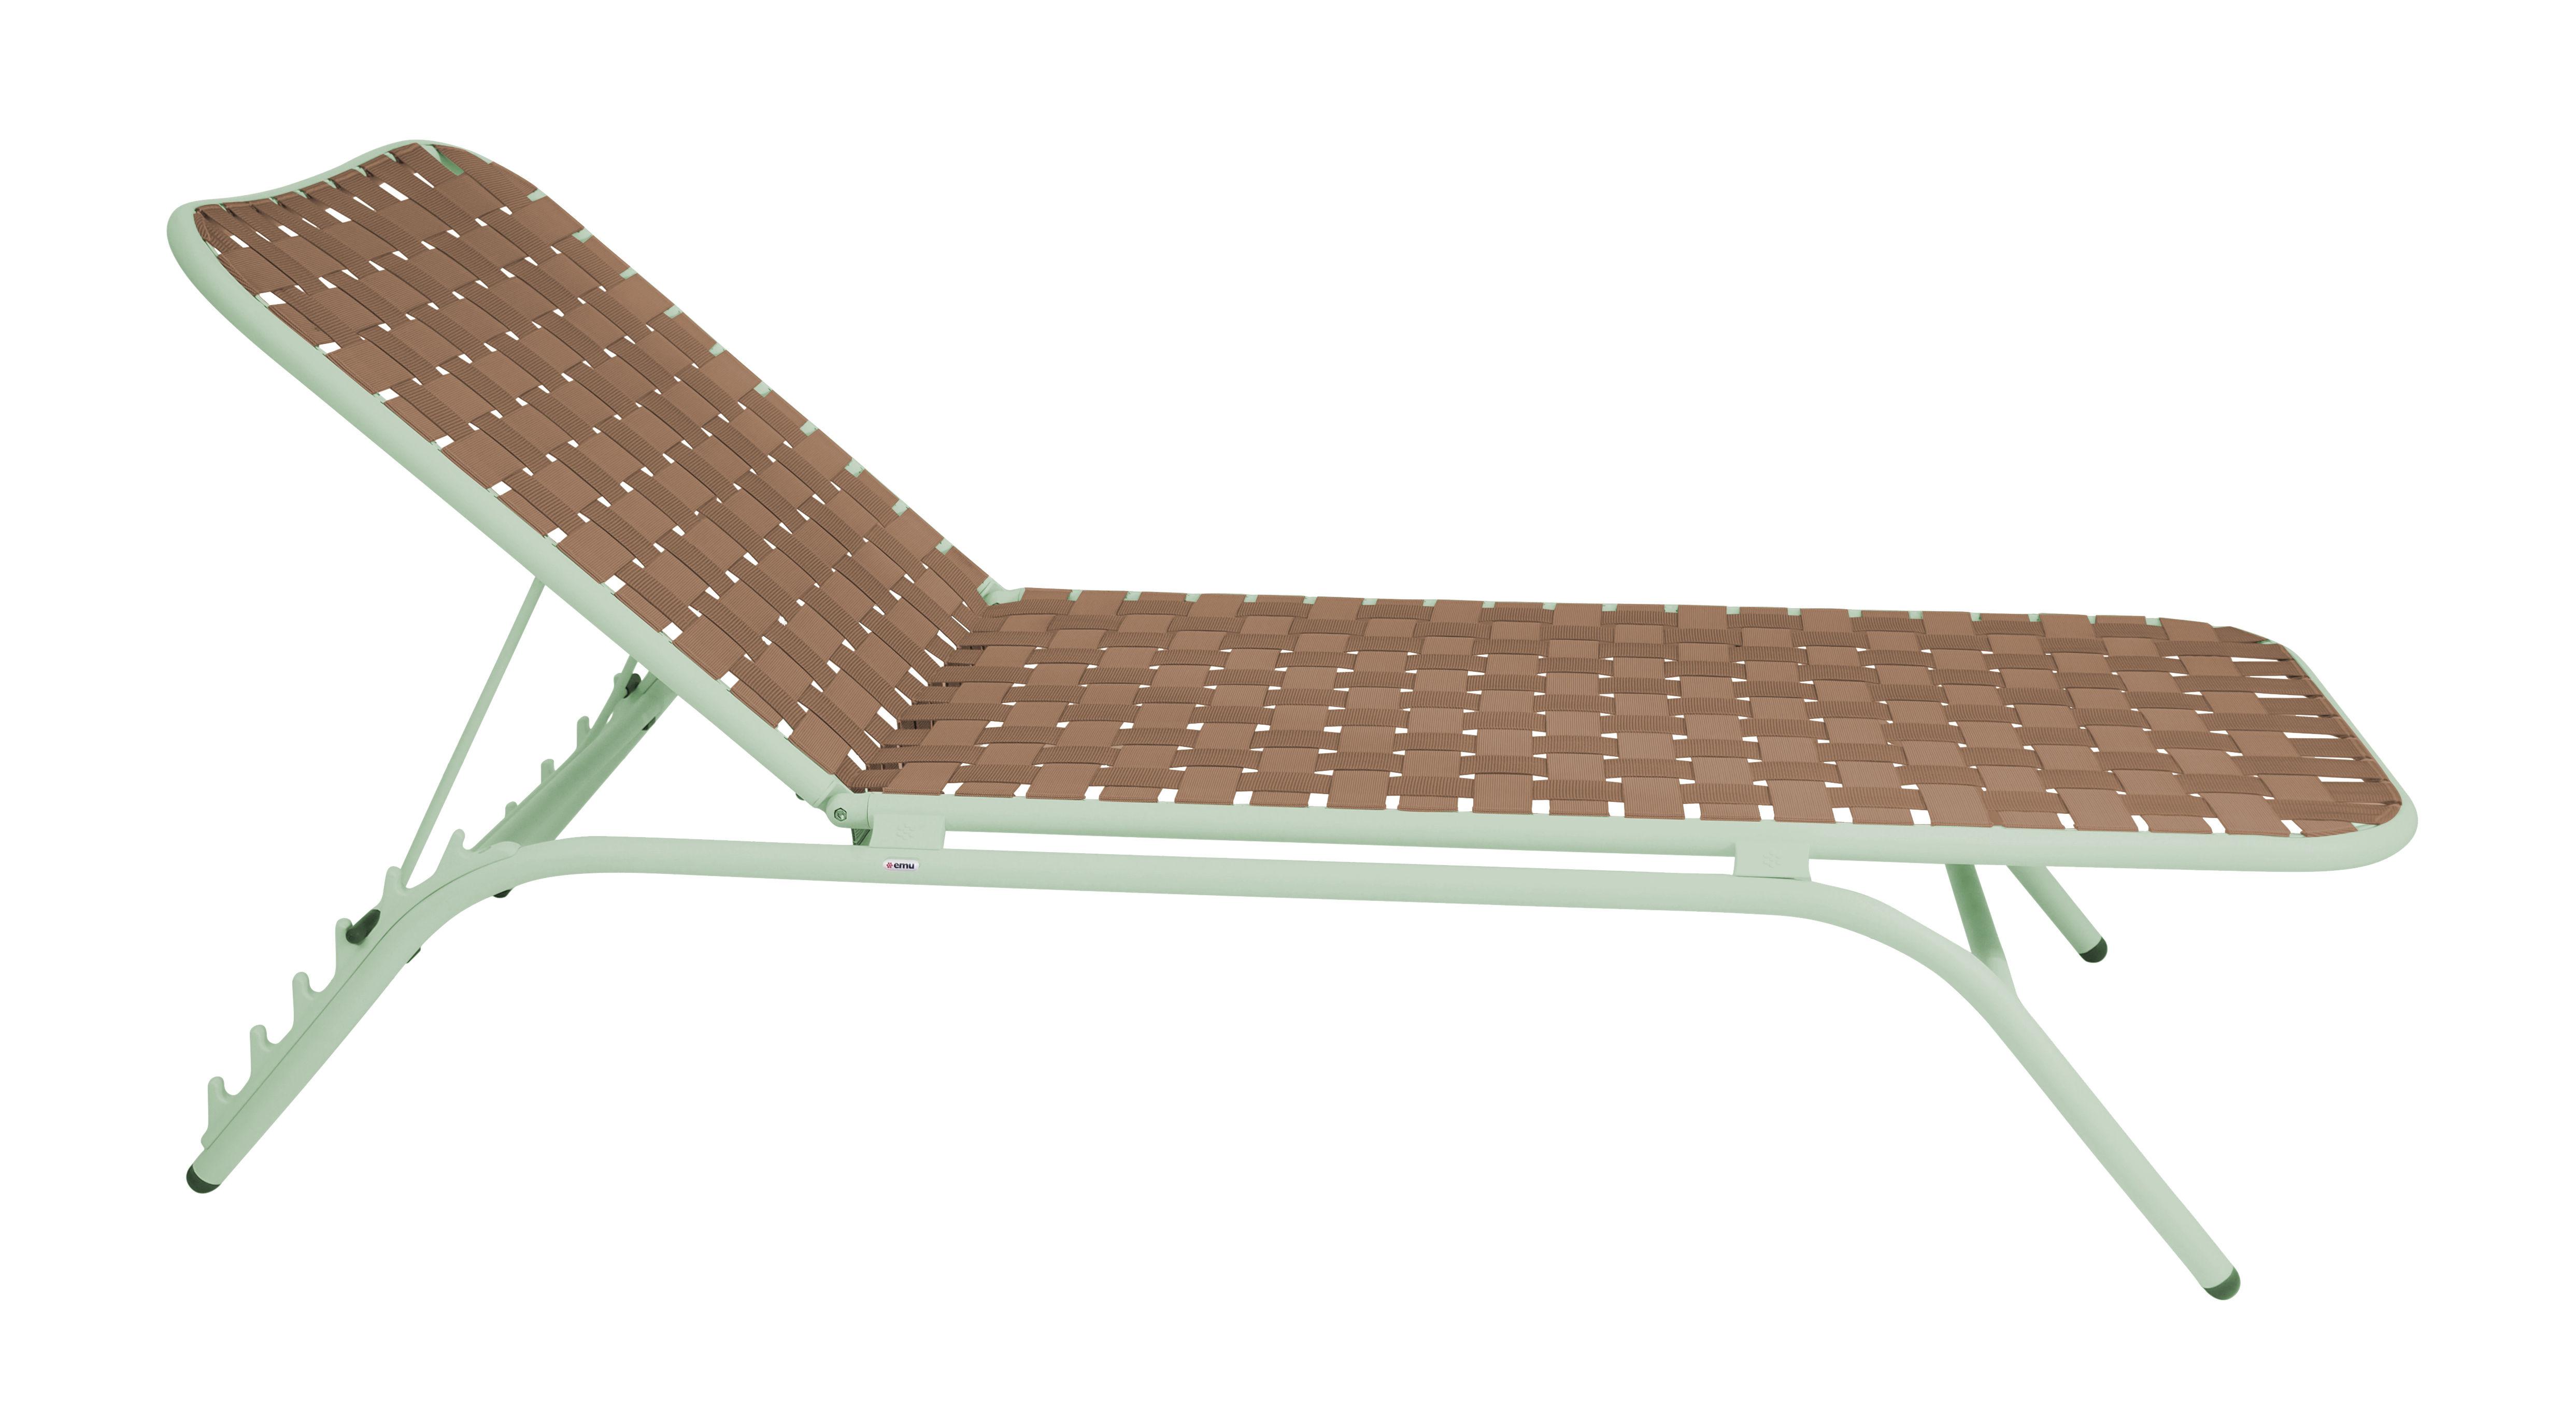 Jardin - Chaises longues et hamacs - Bain de soleil Yard / Sangles élastiques - Emu - Structure verte / Assise beige - Aluminium verni, Sangles élastiques